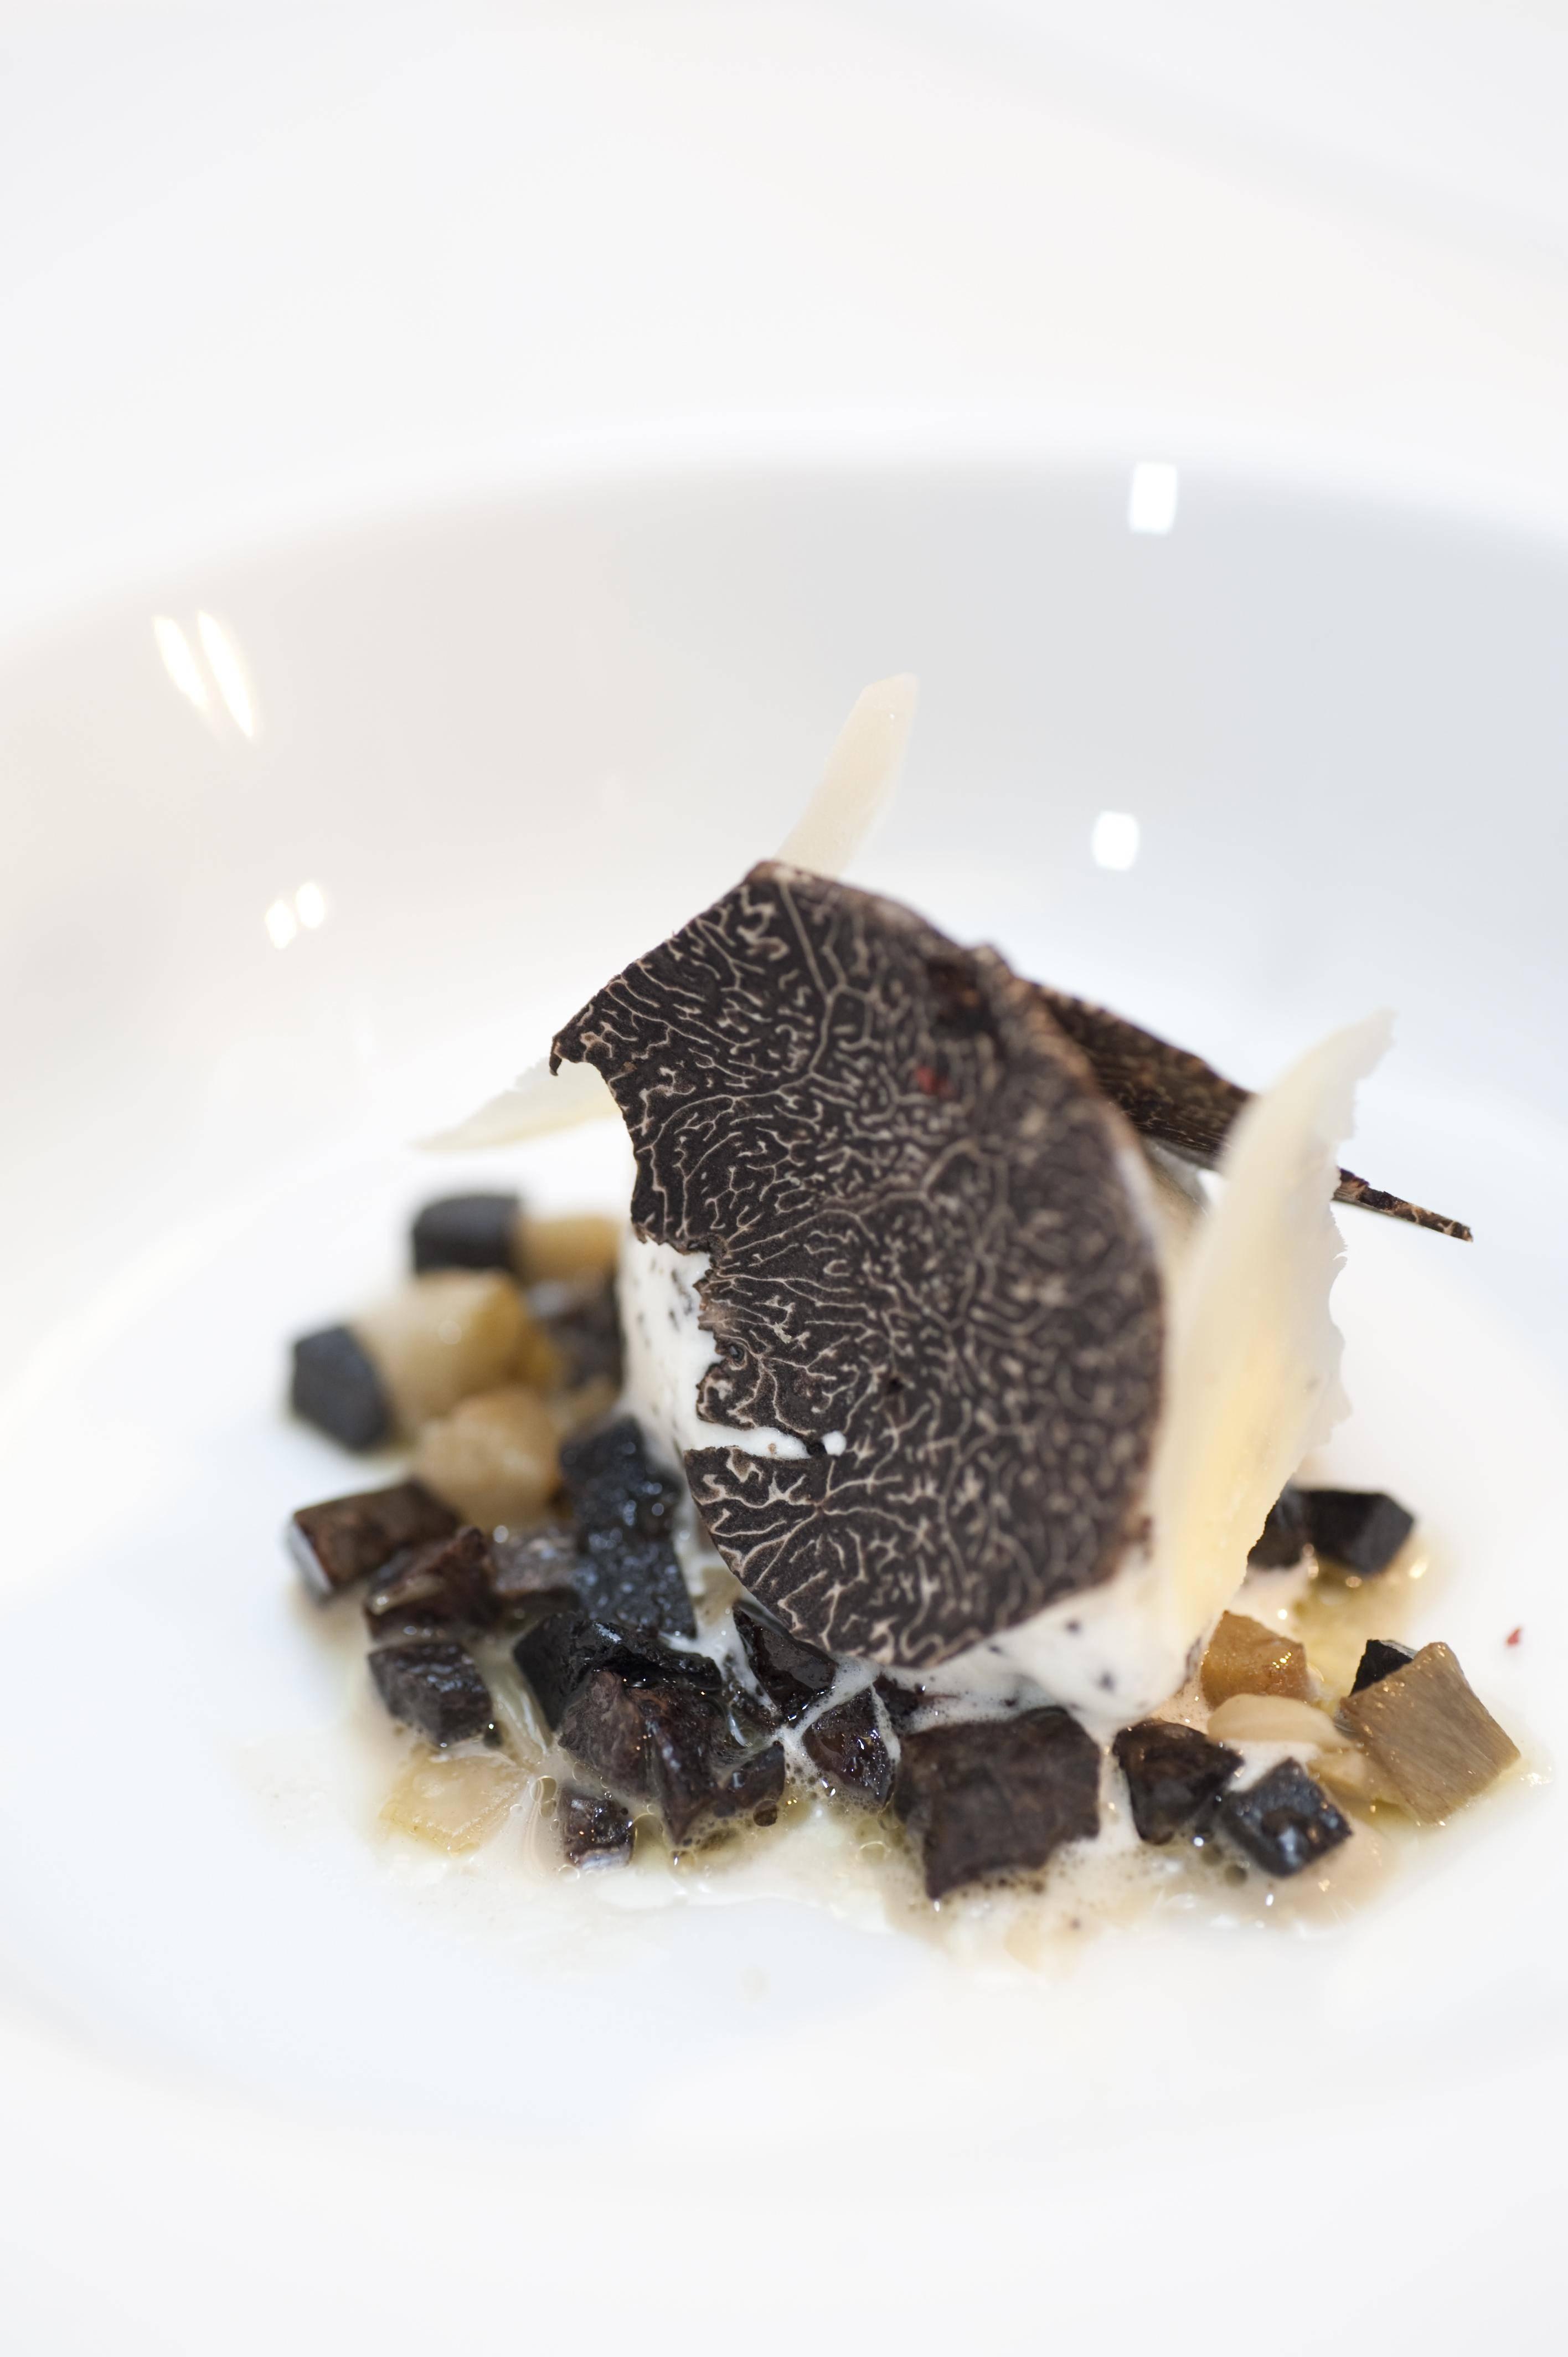 Artichokes Soup with Black Truffle—Ûºª≤ÀÃ¿≈‰∫⁄À…¬∂